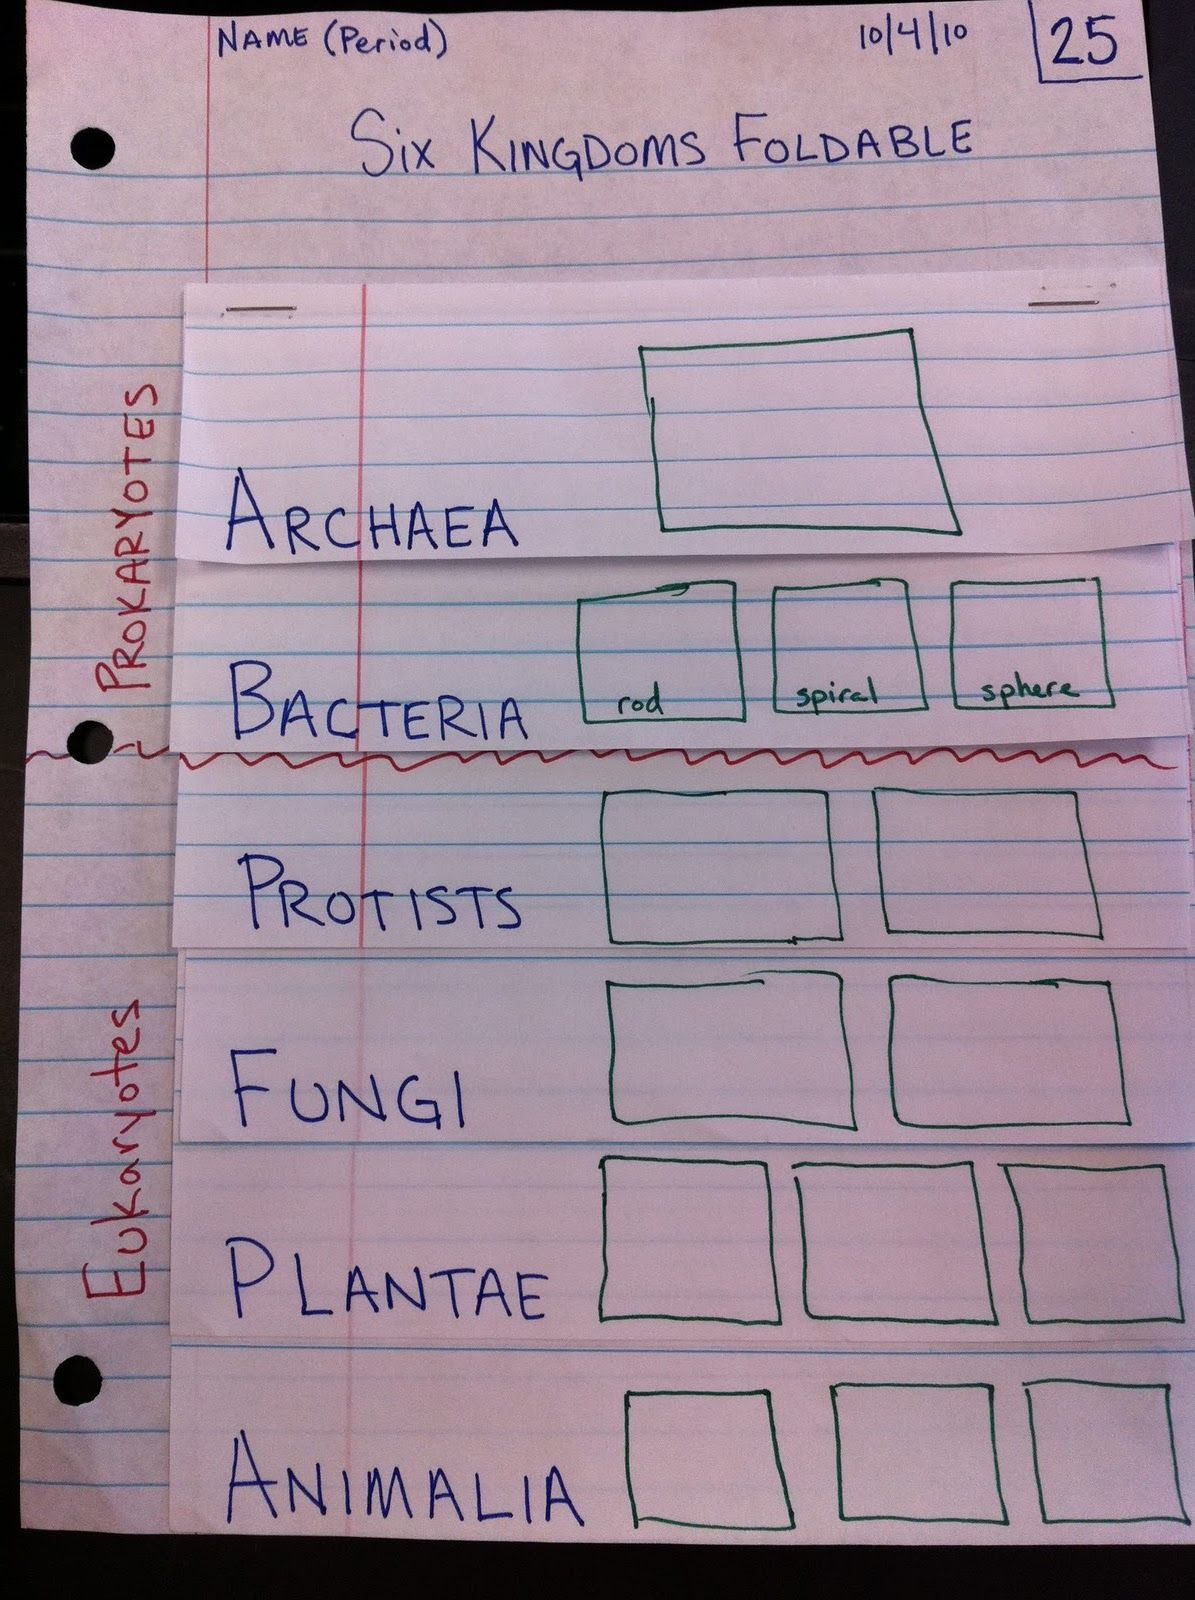 garner 6th grade science blog six kingdoms foldable science sixth grade science science. Black Bedroom Furniture Sets. Home Design Ideas